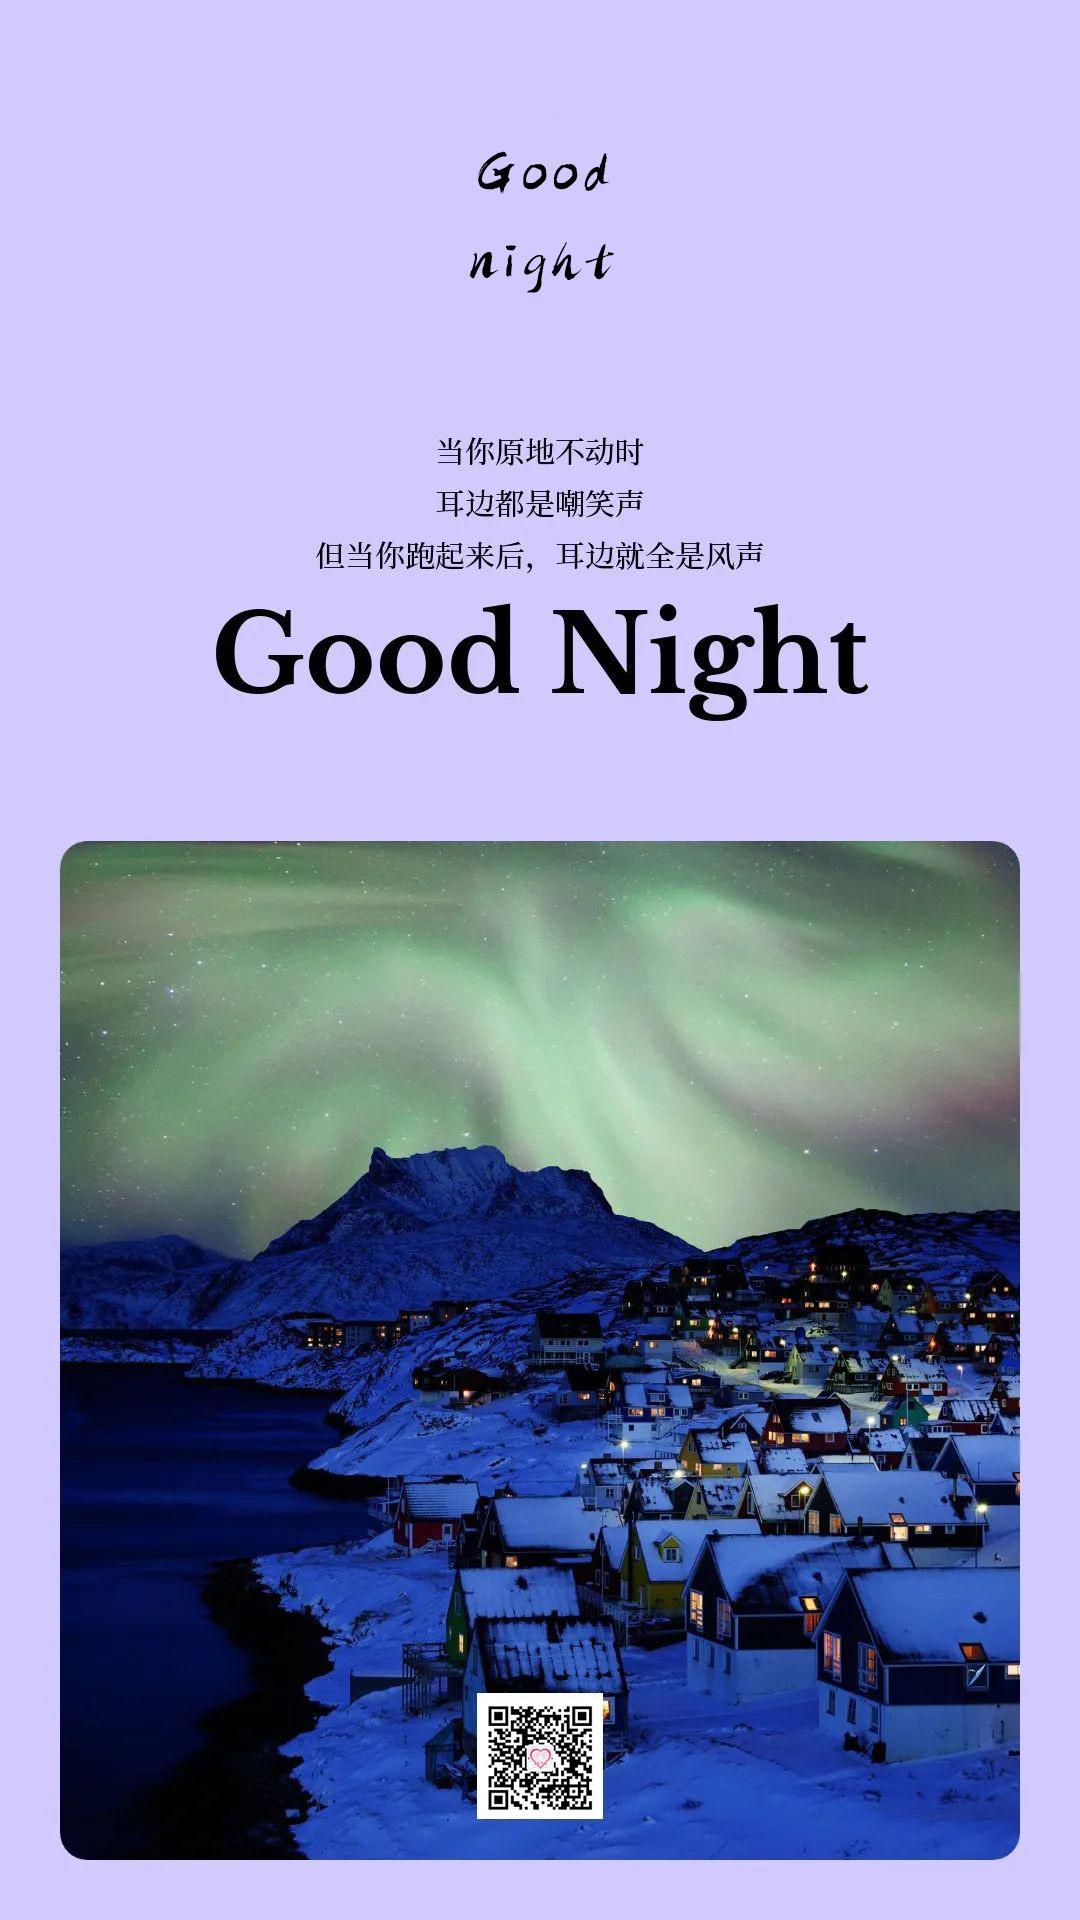 值得收藏的晚安心语文案,简短简单,句句穿心